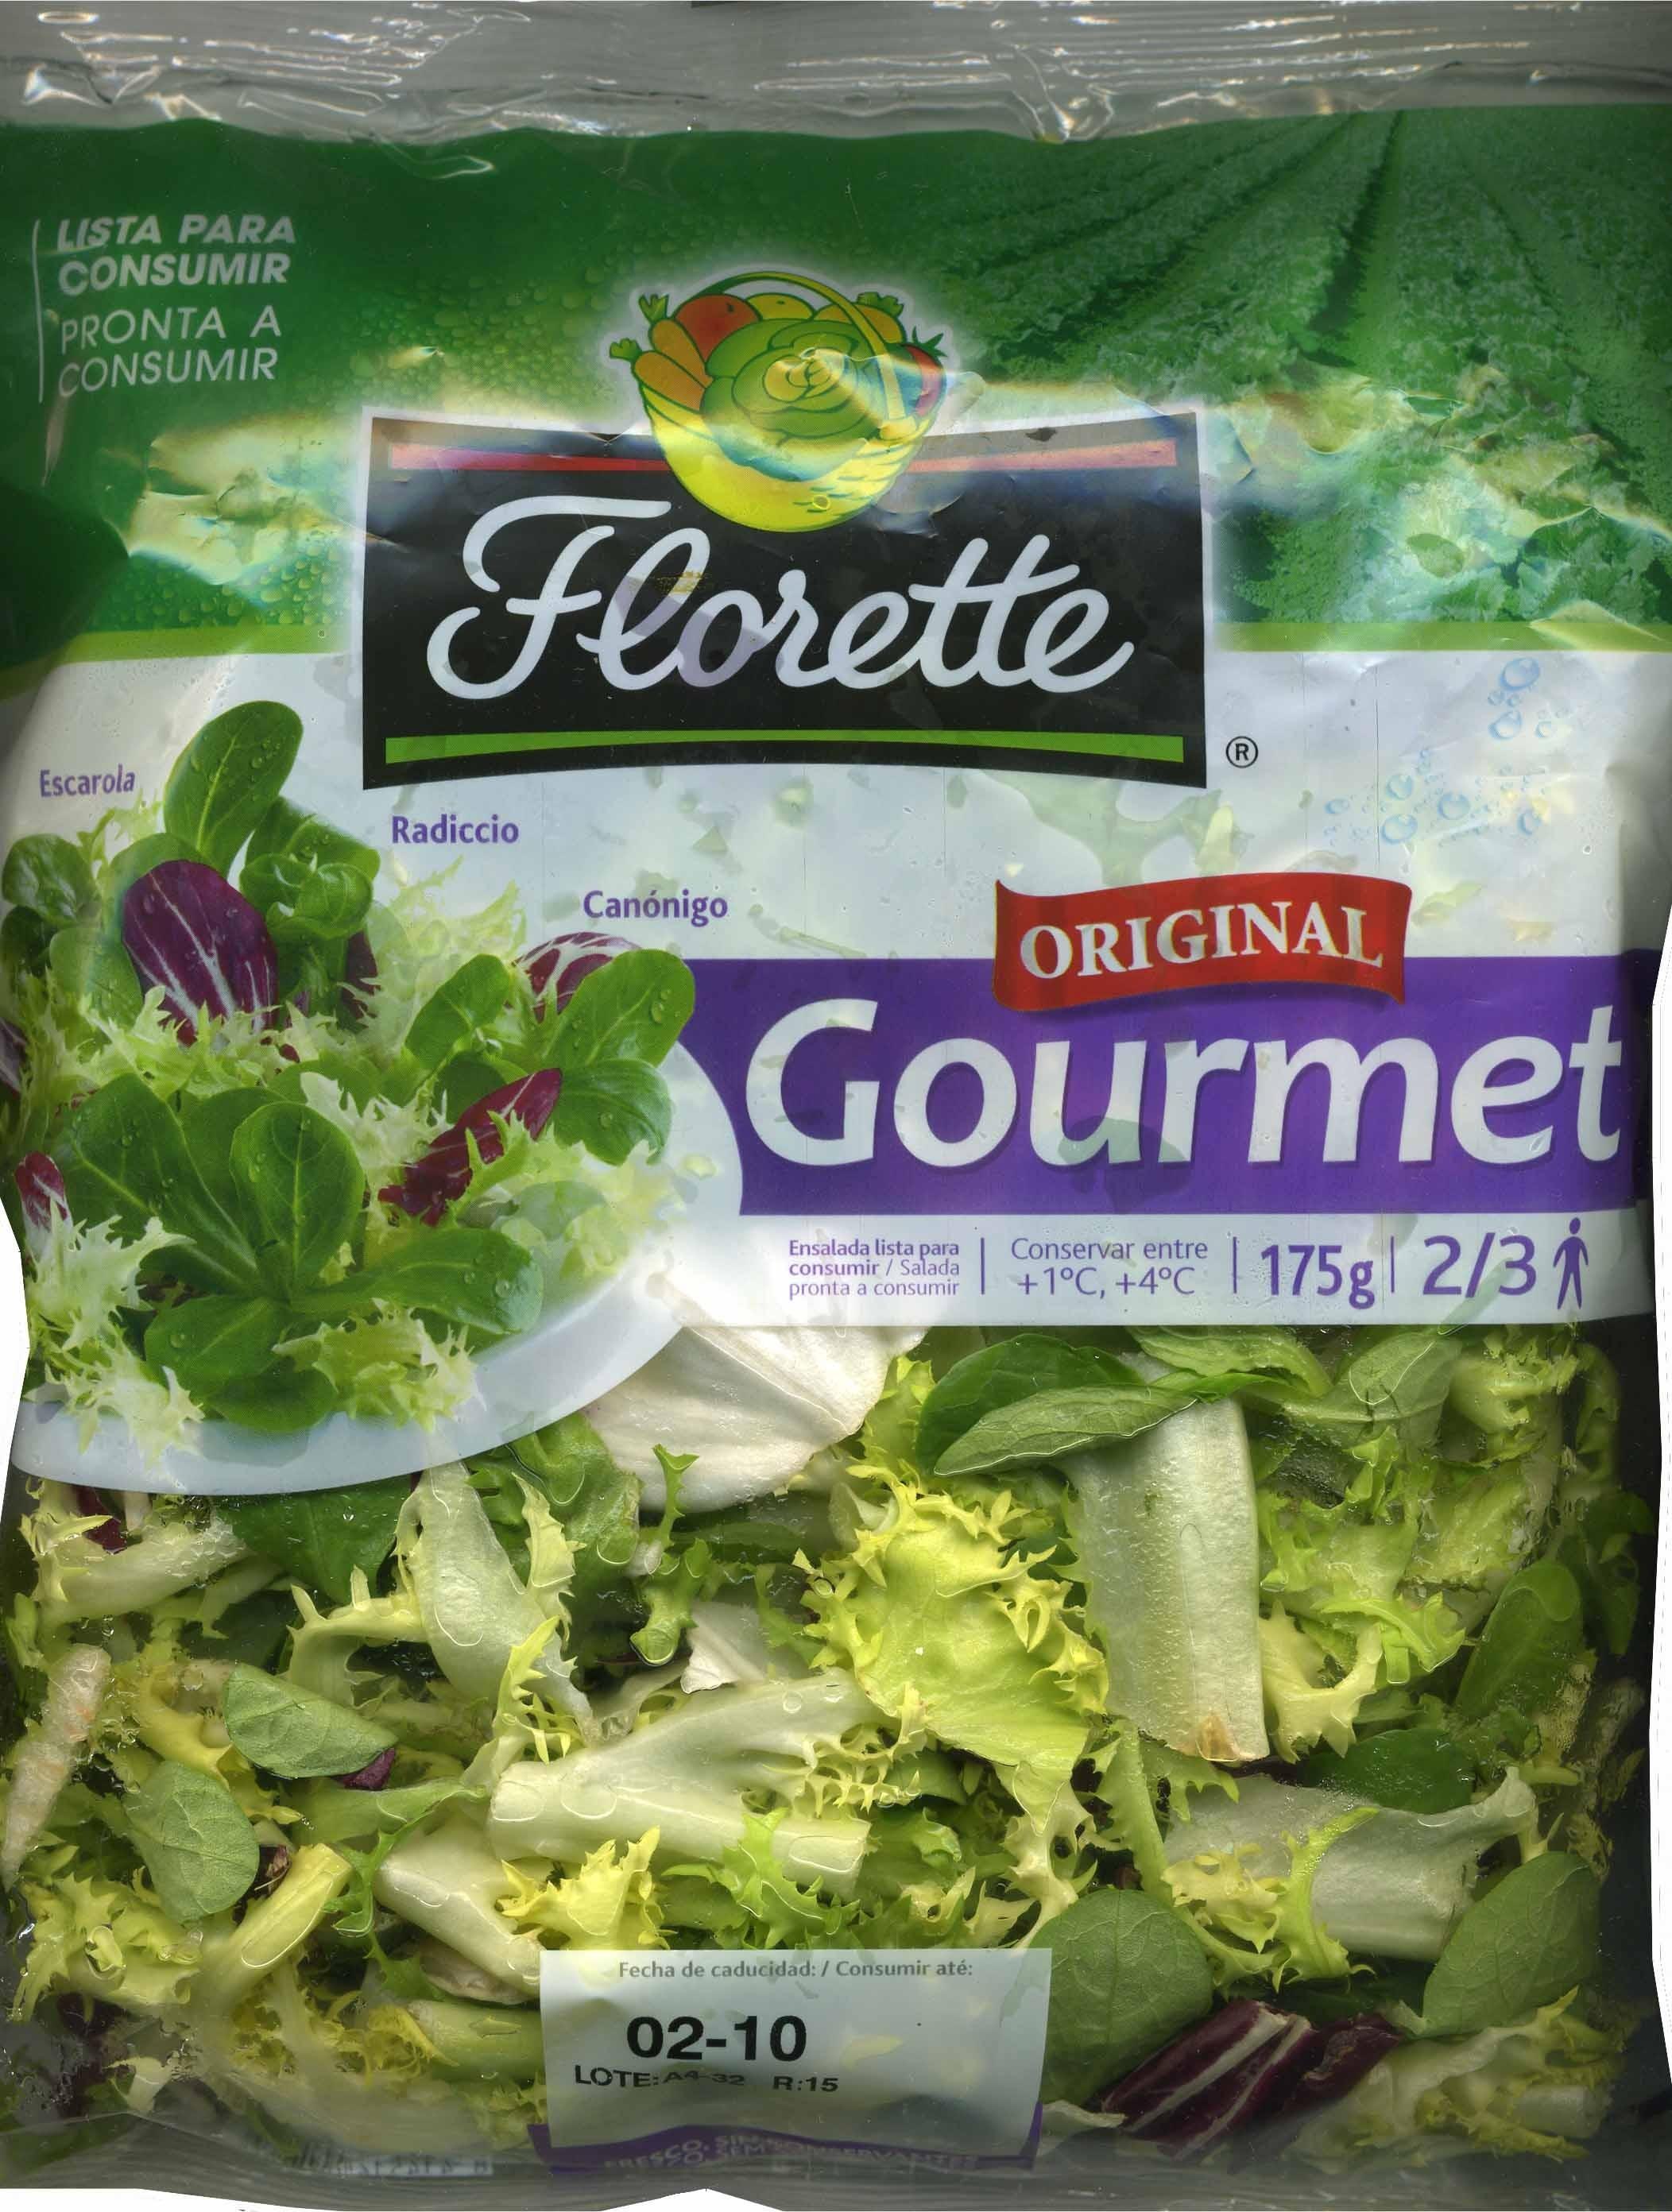 Ensalada gourmet original - Producto - es